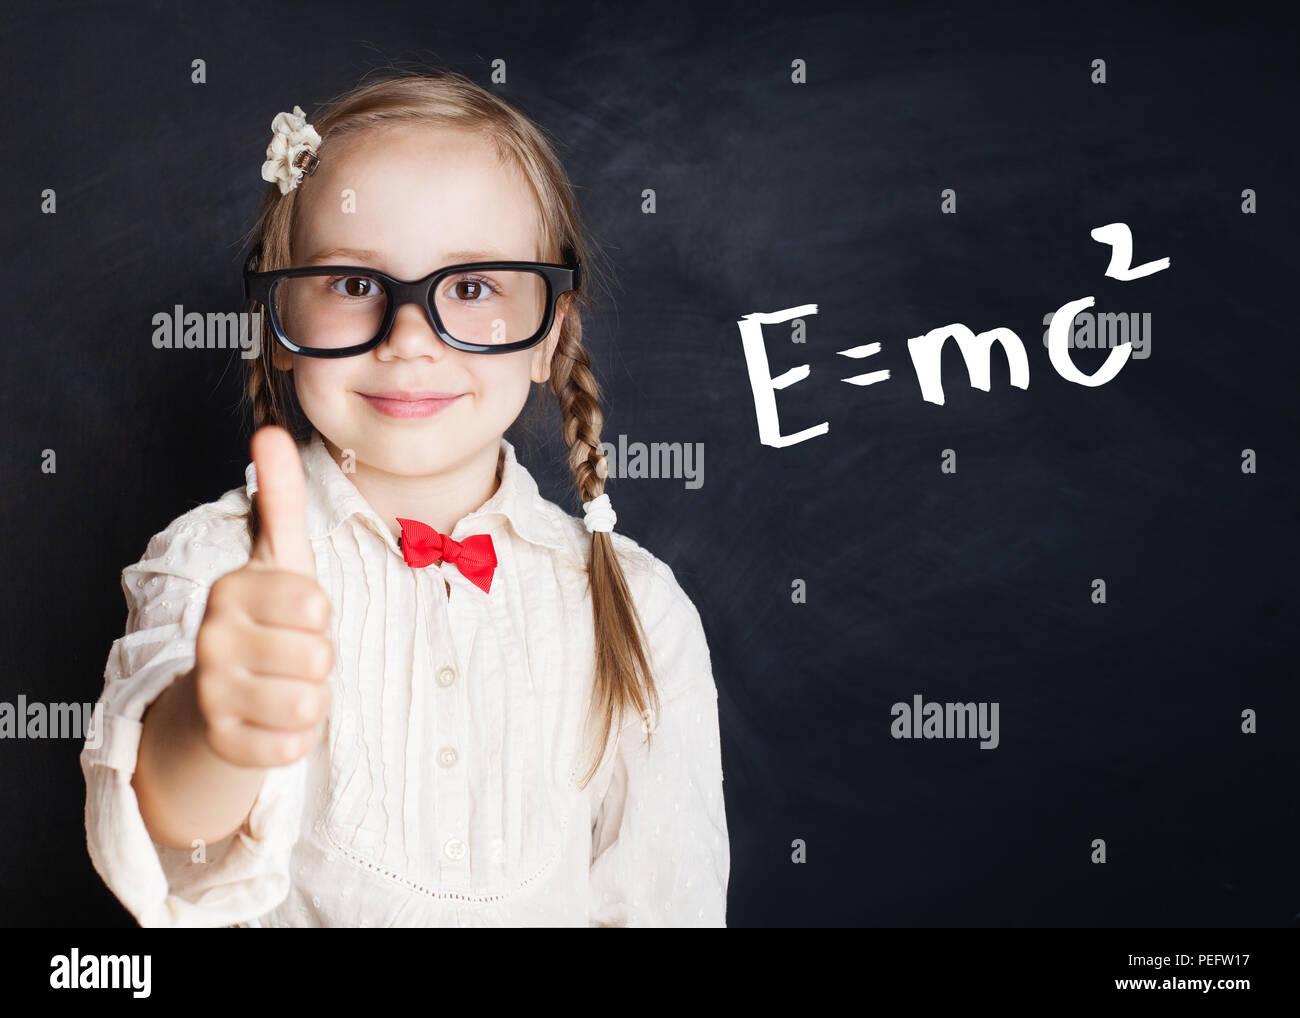 Petit Génie portrait. Les enfants l'enseignement des mathématiques. Little girl with thumb up sur les dessins à main motif formule mathématiques sciences Photo Stock